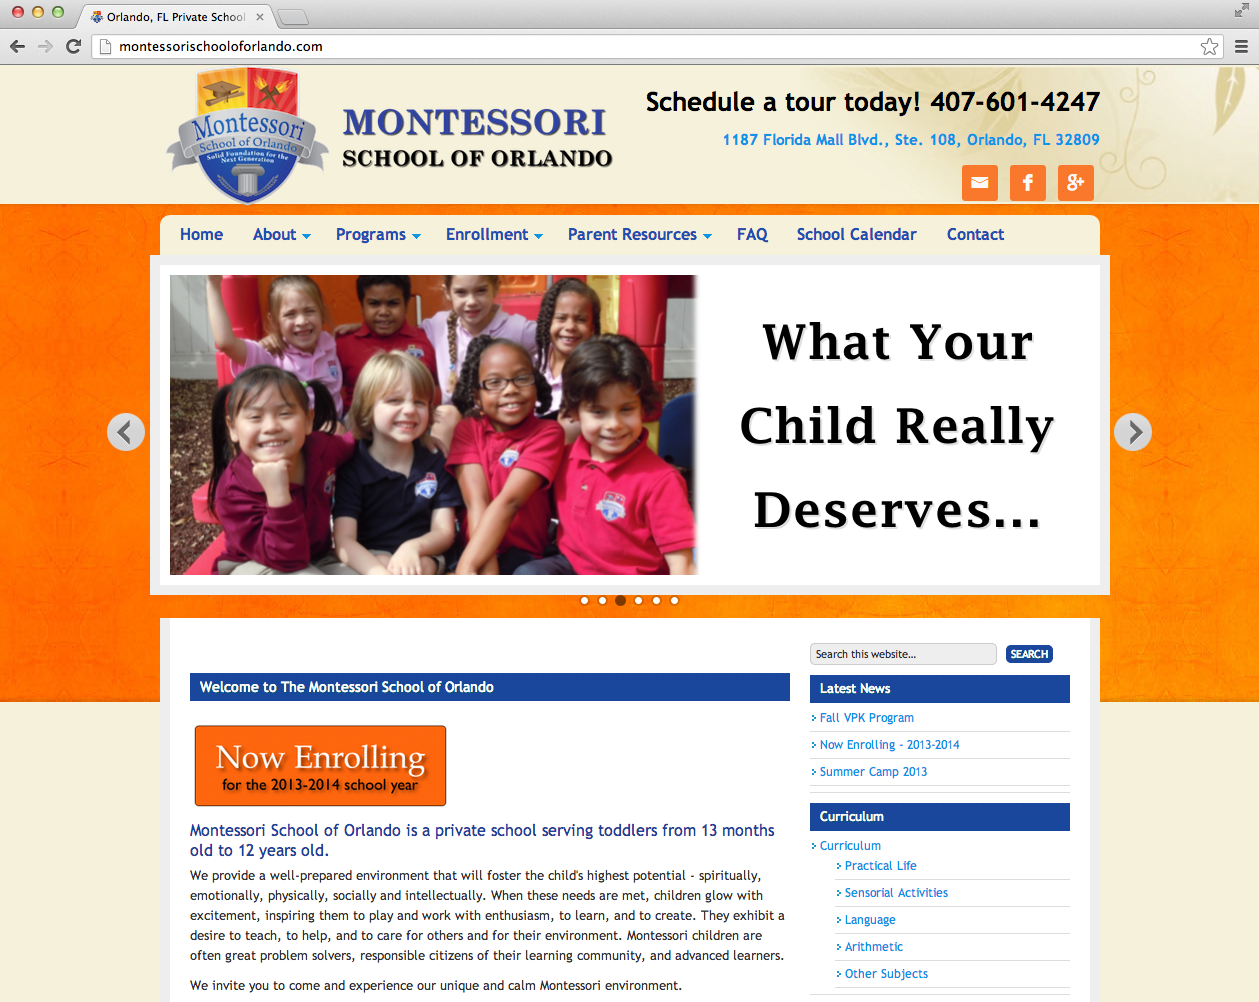 MontessoriSchoolofOrlando.com_New